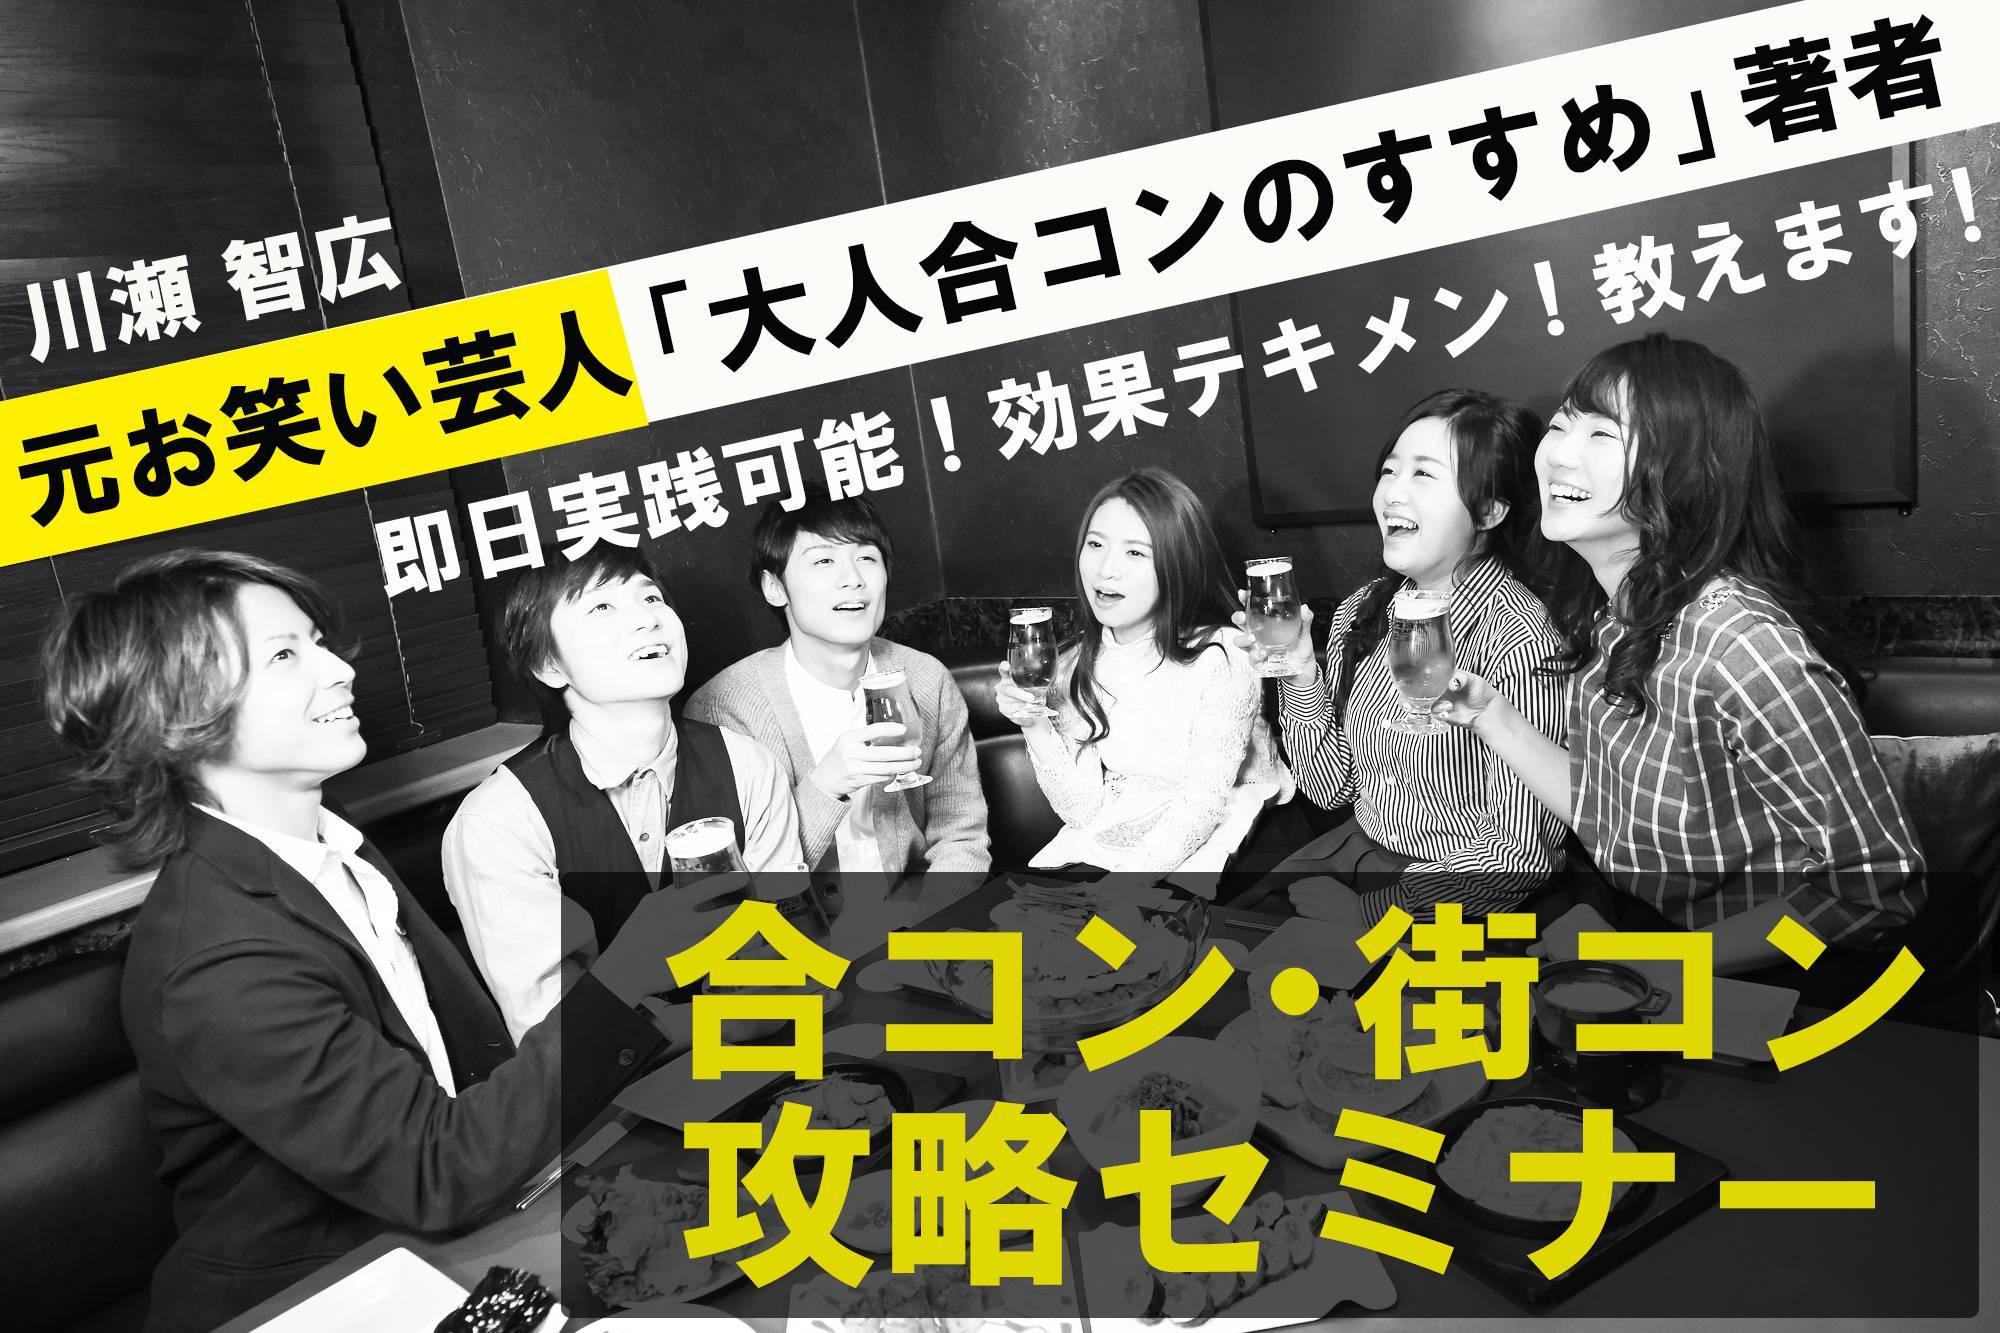 【赤坂の自分磨き】株式会社GiveGrow主催 2017年9月26日